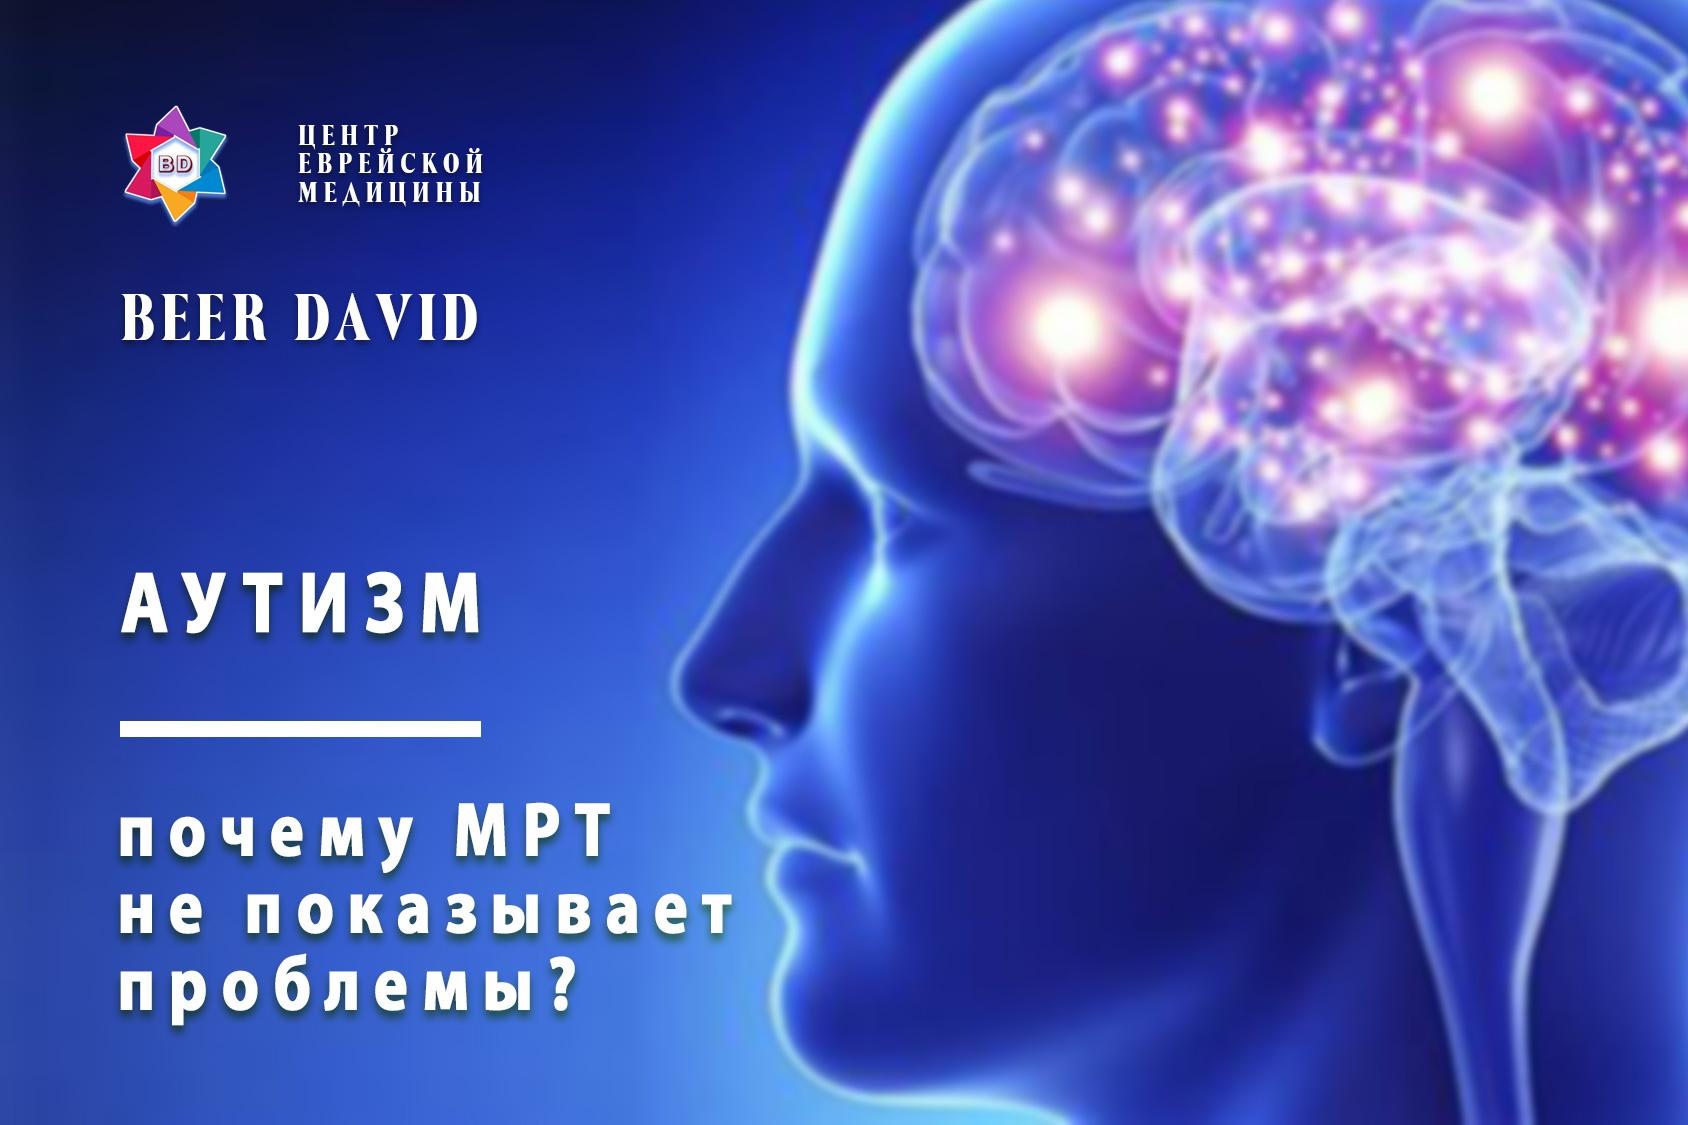 Аутизм - почему МРТ не показывает проблему?